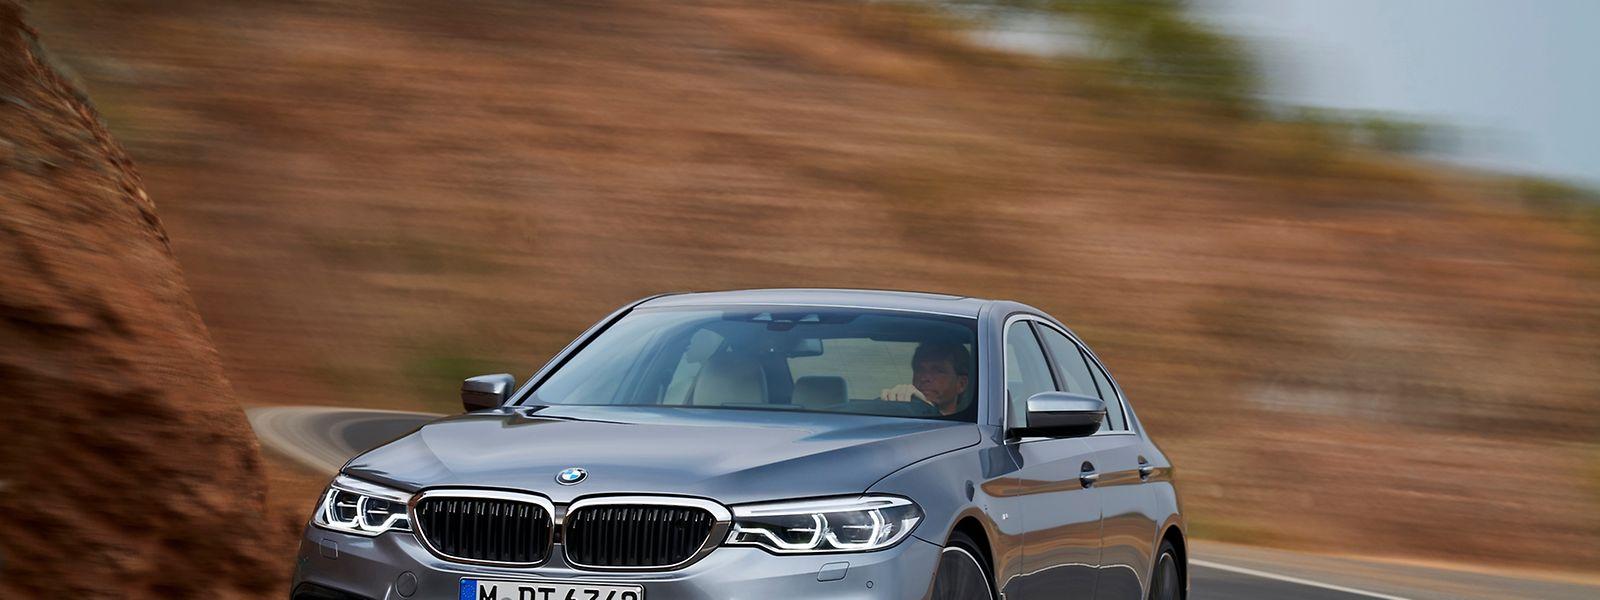 """Der neue BMW 5er fährt mit """"präziseren Formen"""" vor, ohne den Vorgänger alt wirken zu lassen."""